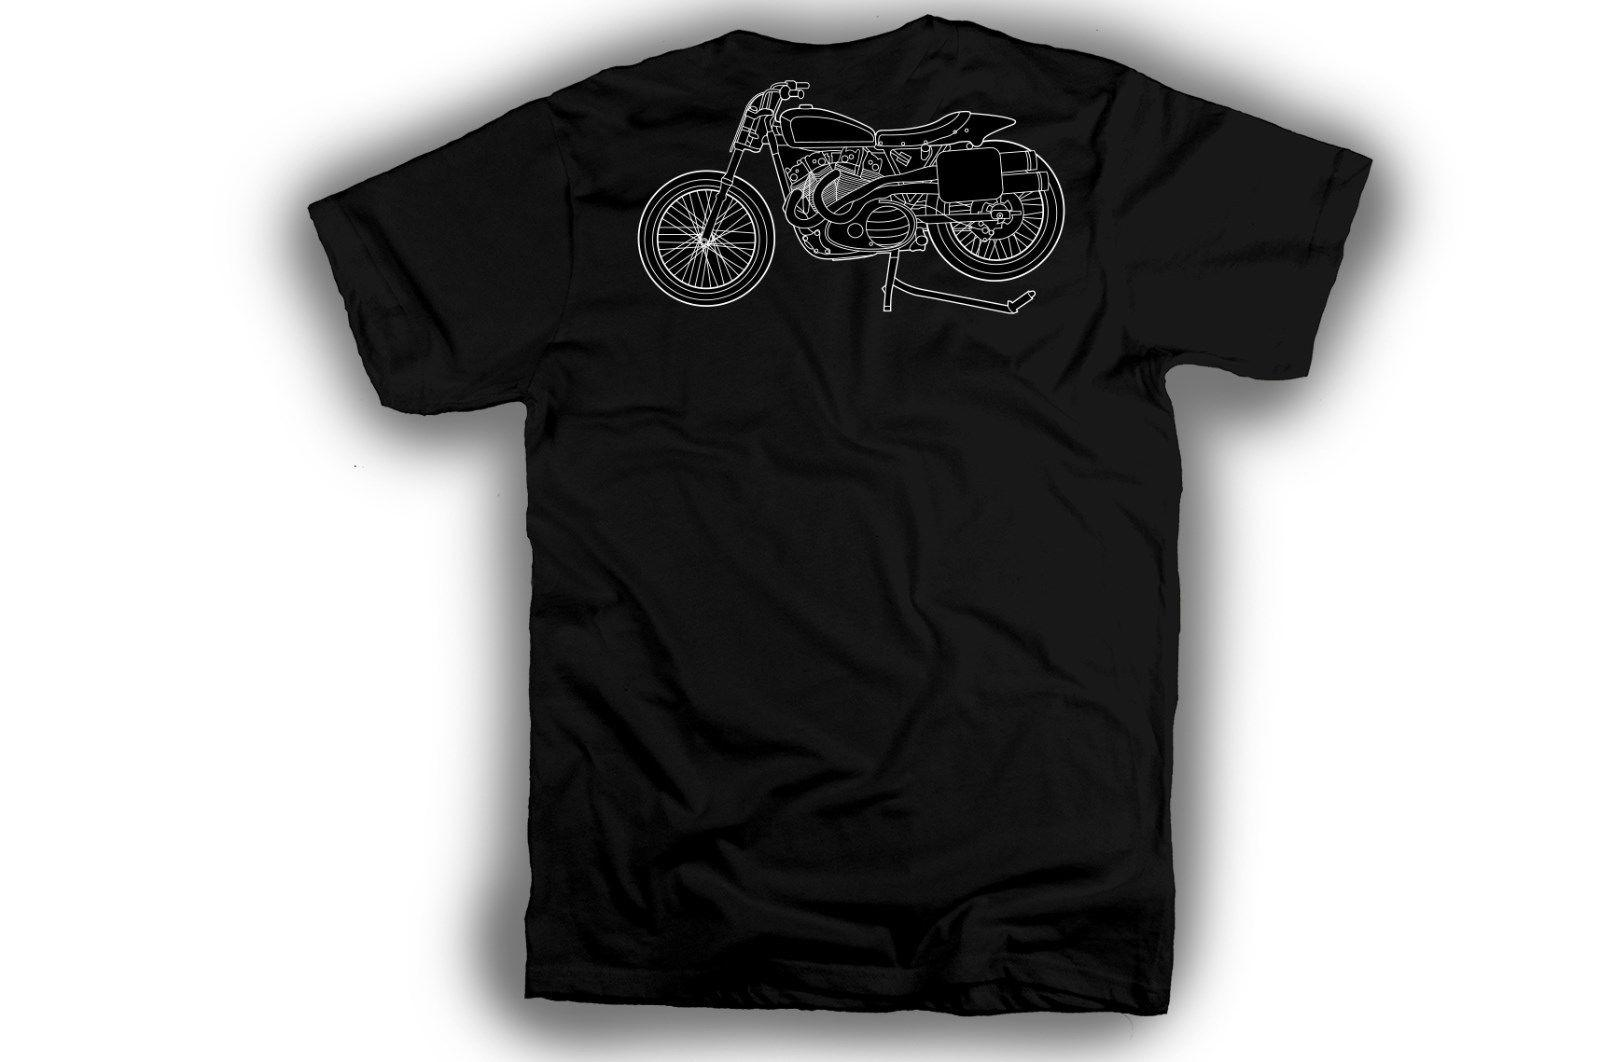 2020 Yeni Artı boyutu Mens Homme Yaz Kısa Kollu Klasik Amerikan Motosiklet Hayranları Erkekler için T Gömlek Soğuk Xr750